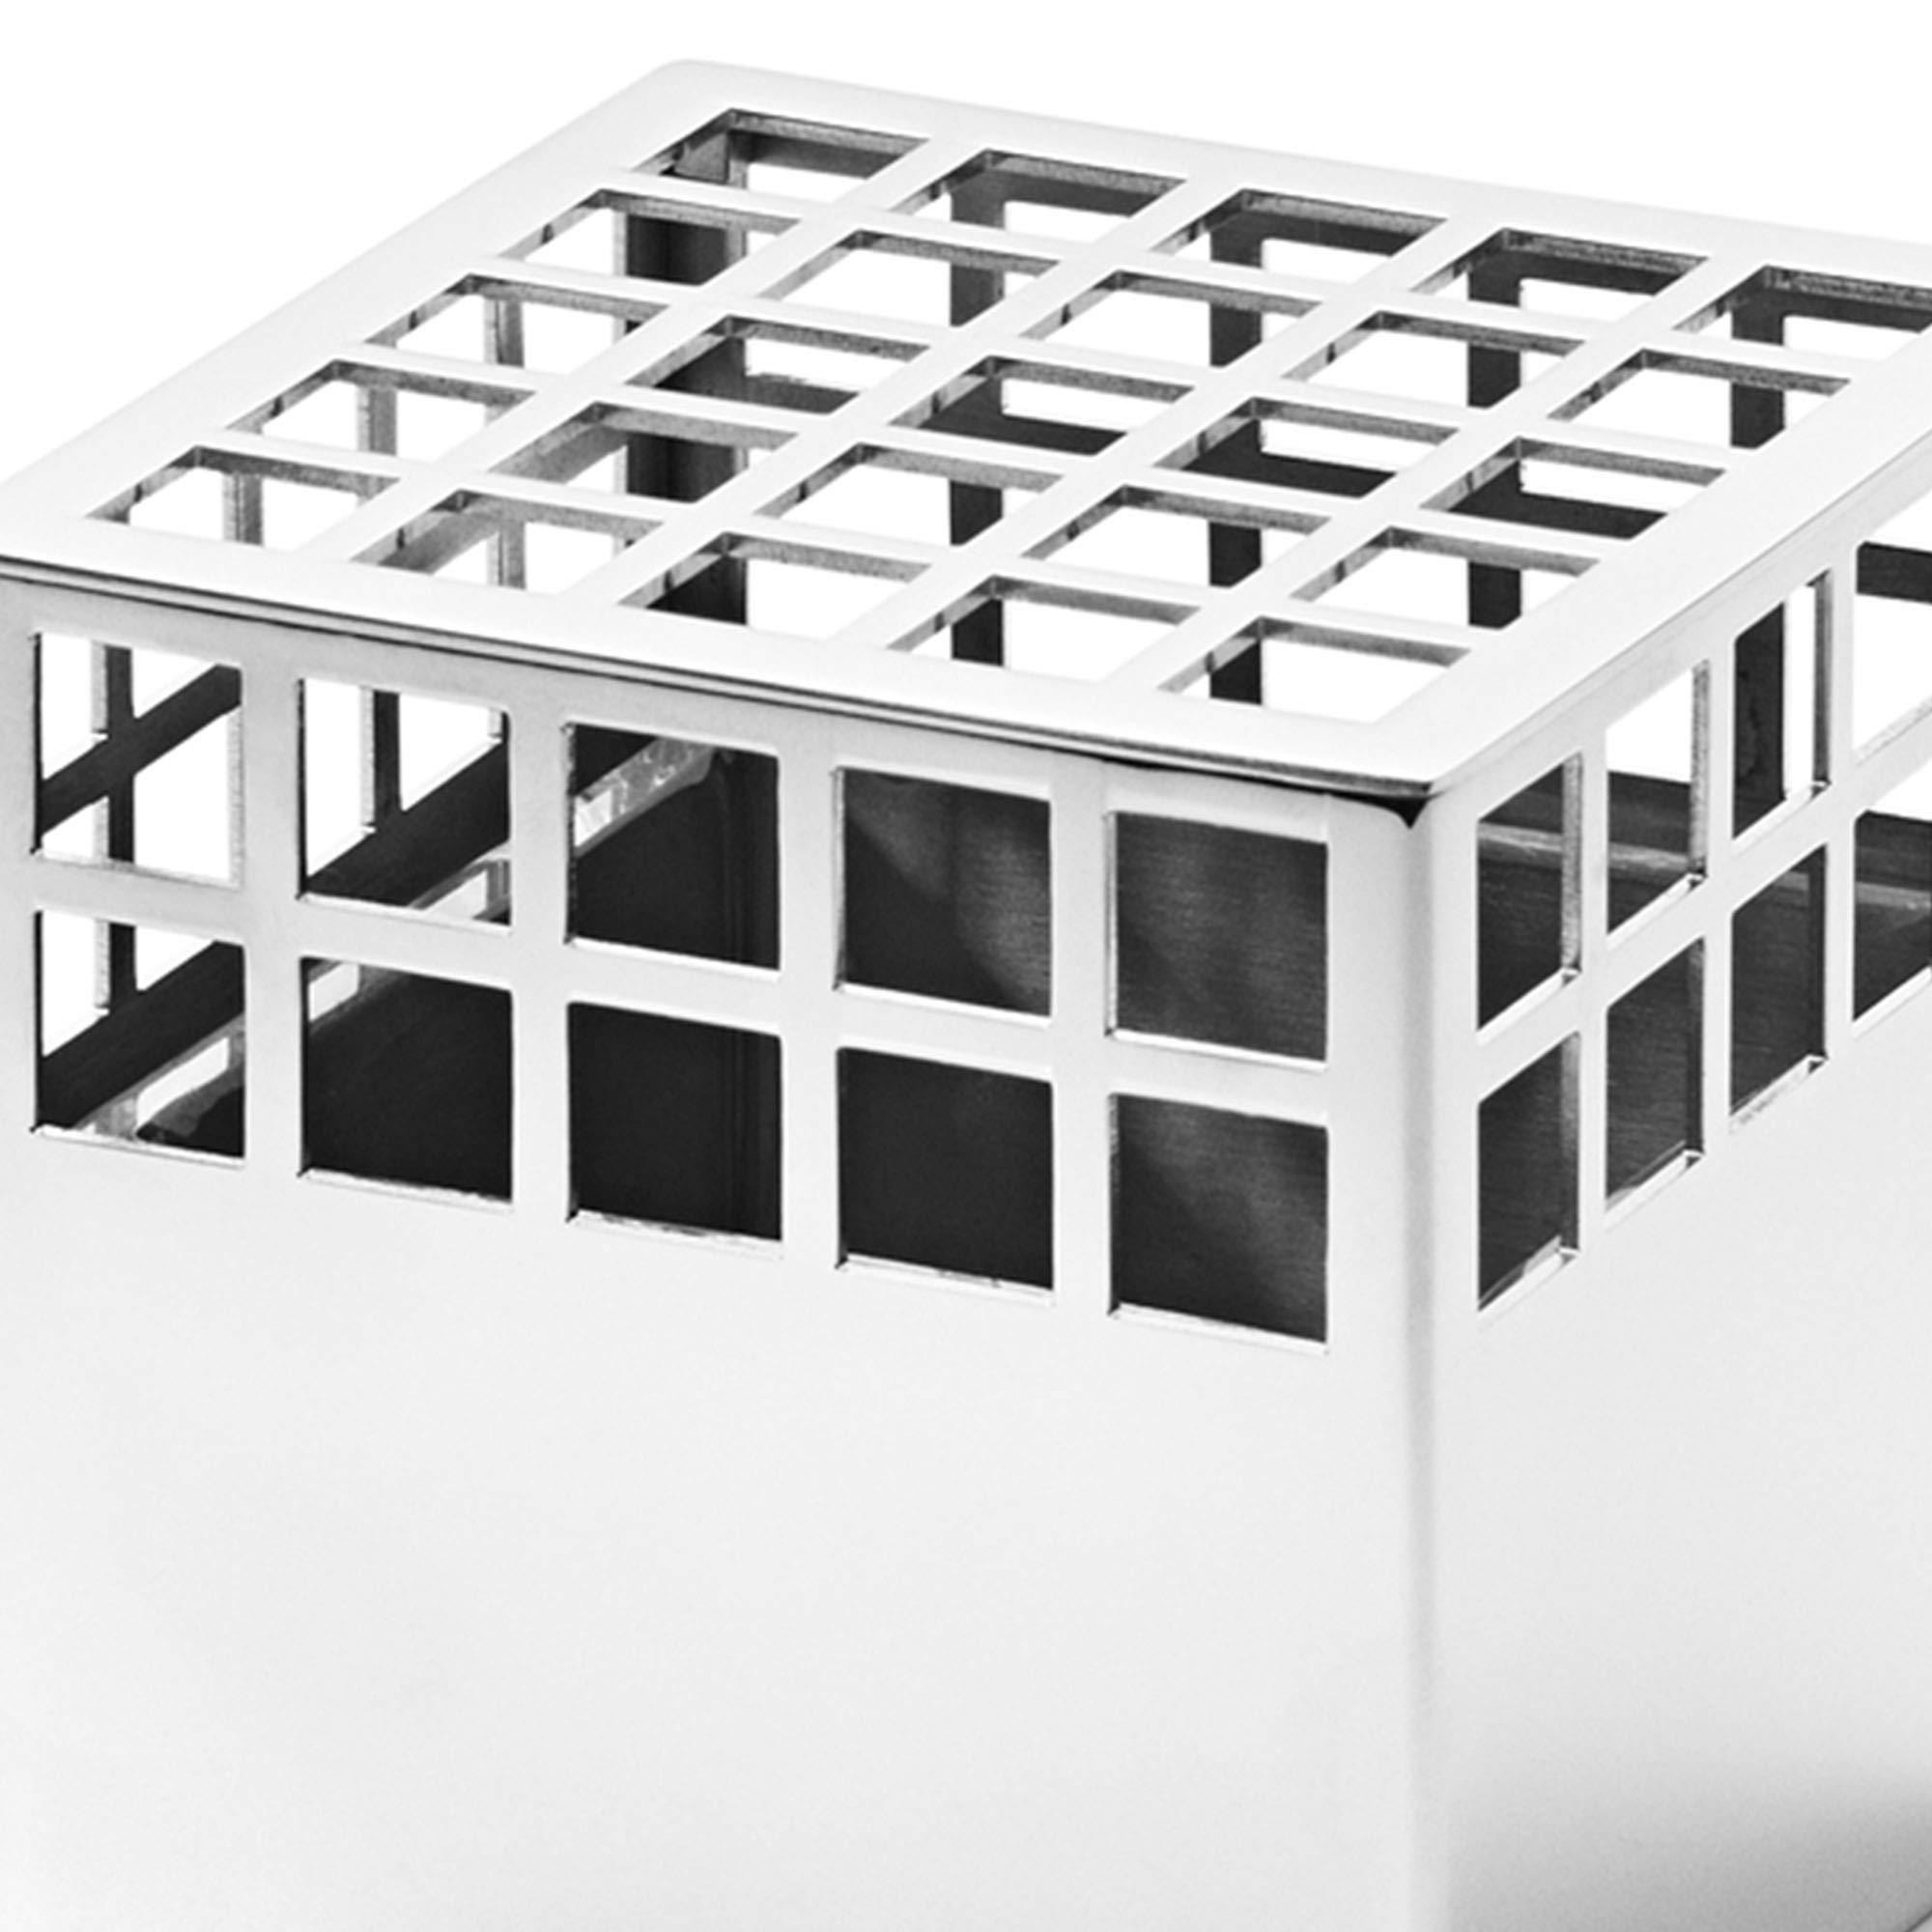 Georg Jensen Matrix - Jarrón de Cubo pequeño, Acero Inoxidable por Monica Forster: Amazon.es: Hogar